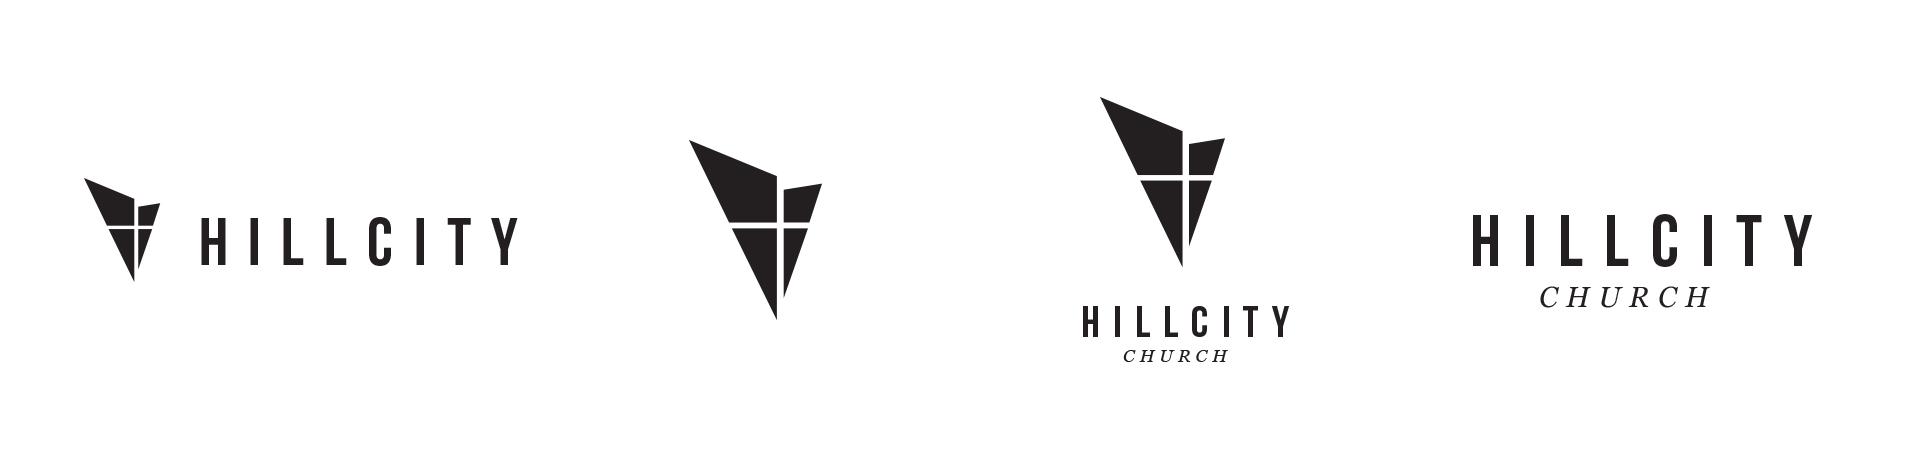 hillcity Logo Variations.jpg